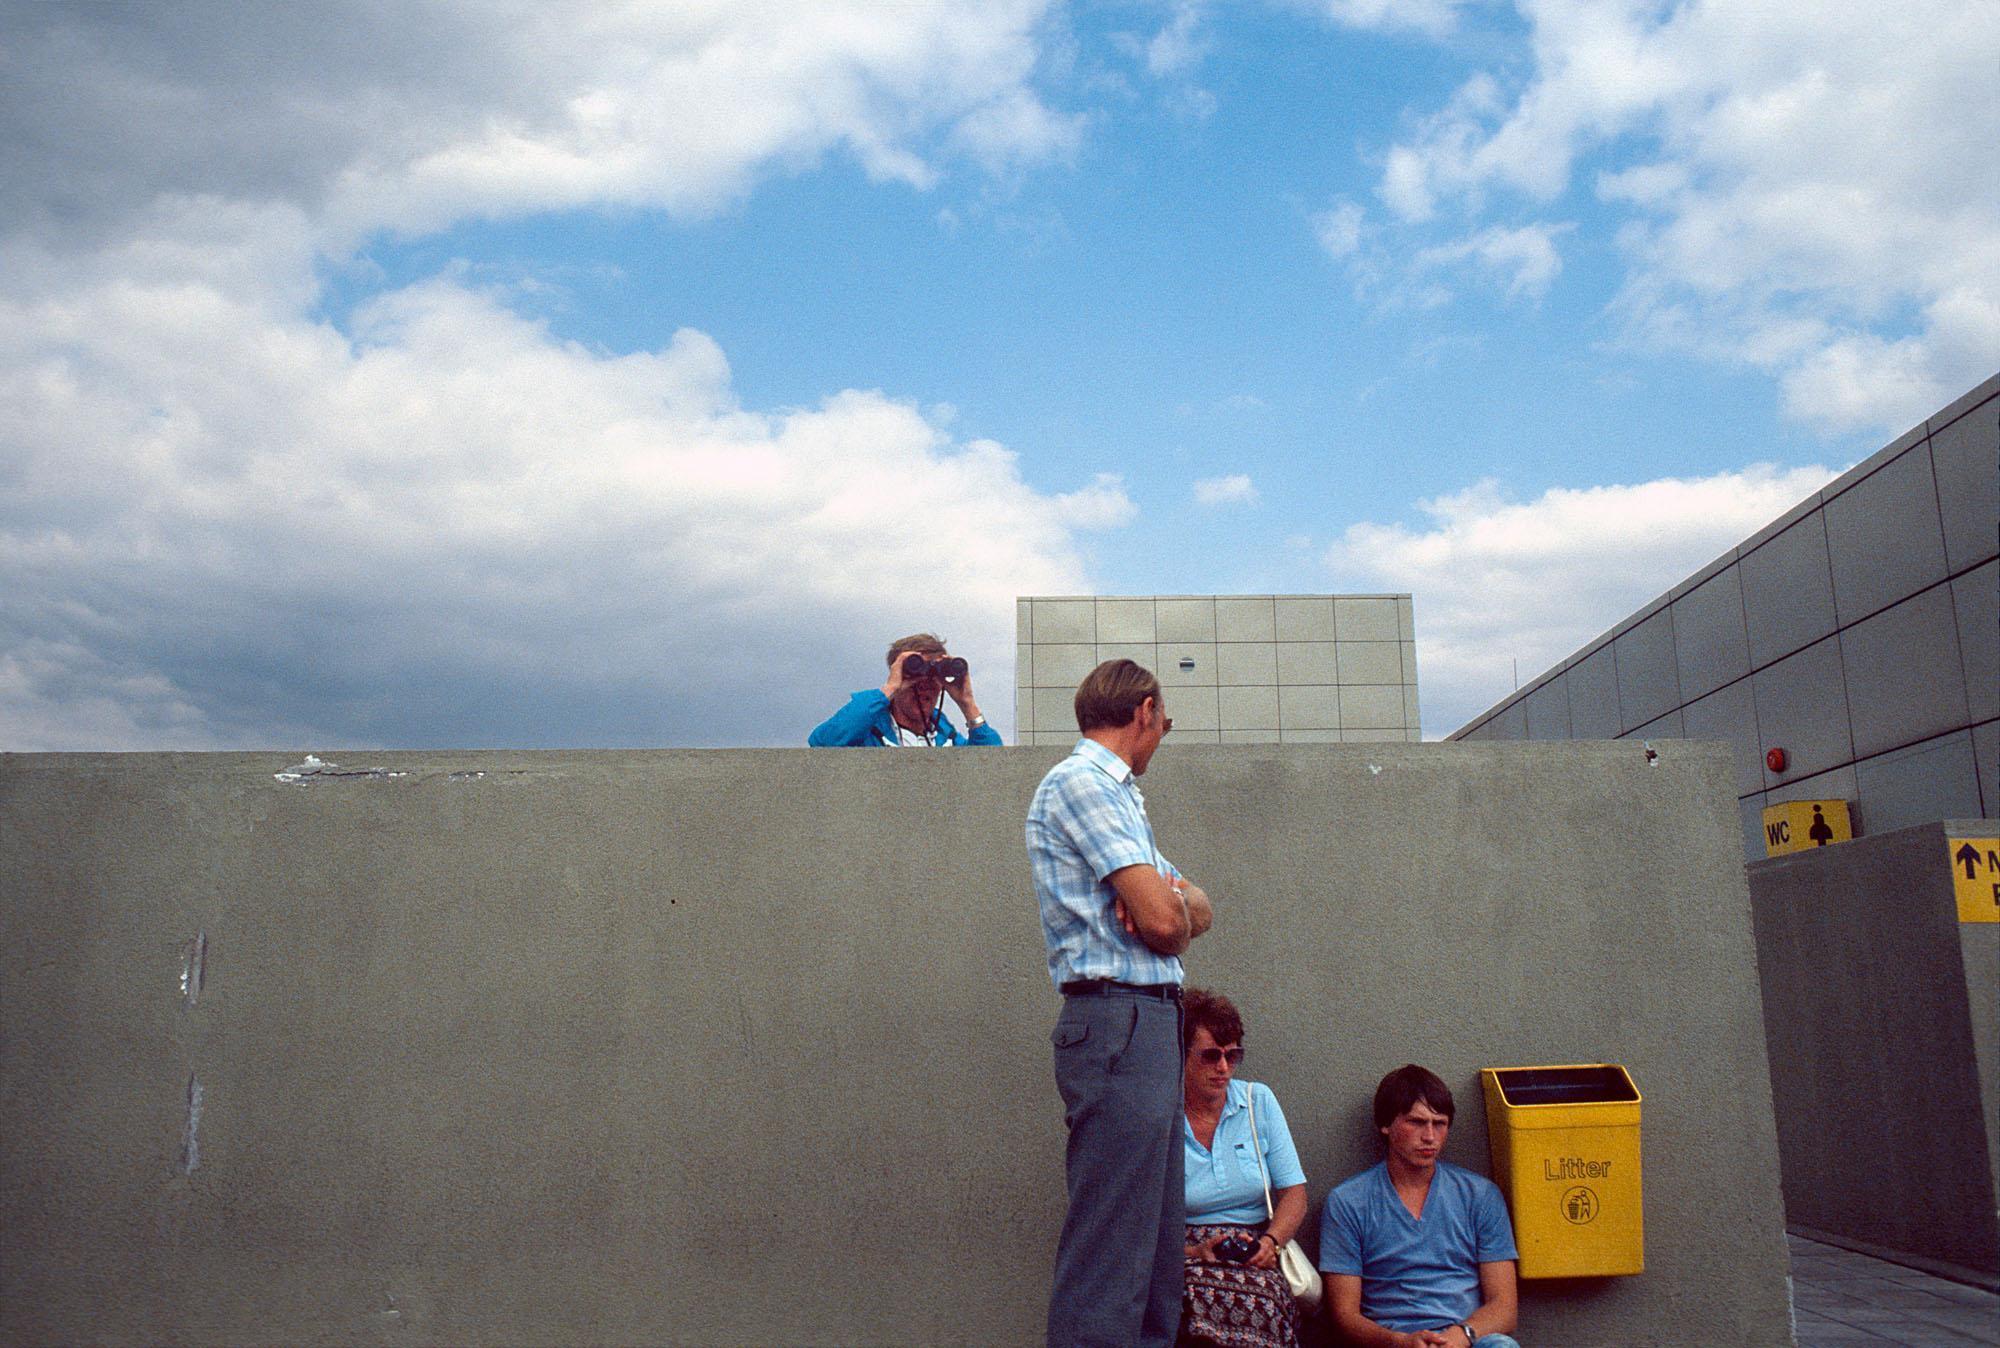 Spotters d'avion à l'aéroport de Gatwick, 1983